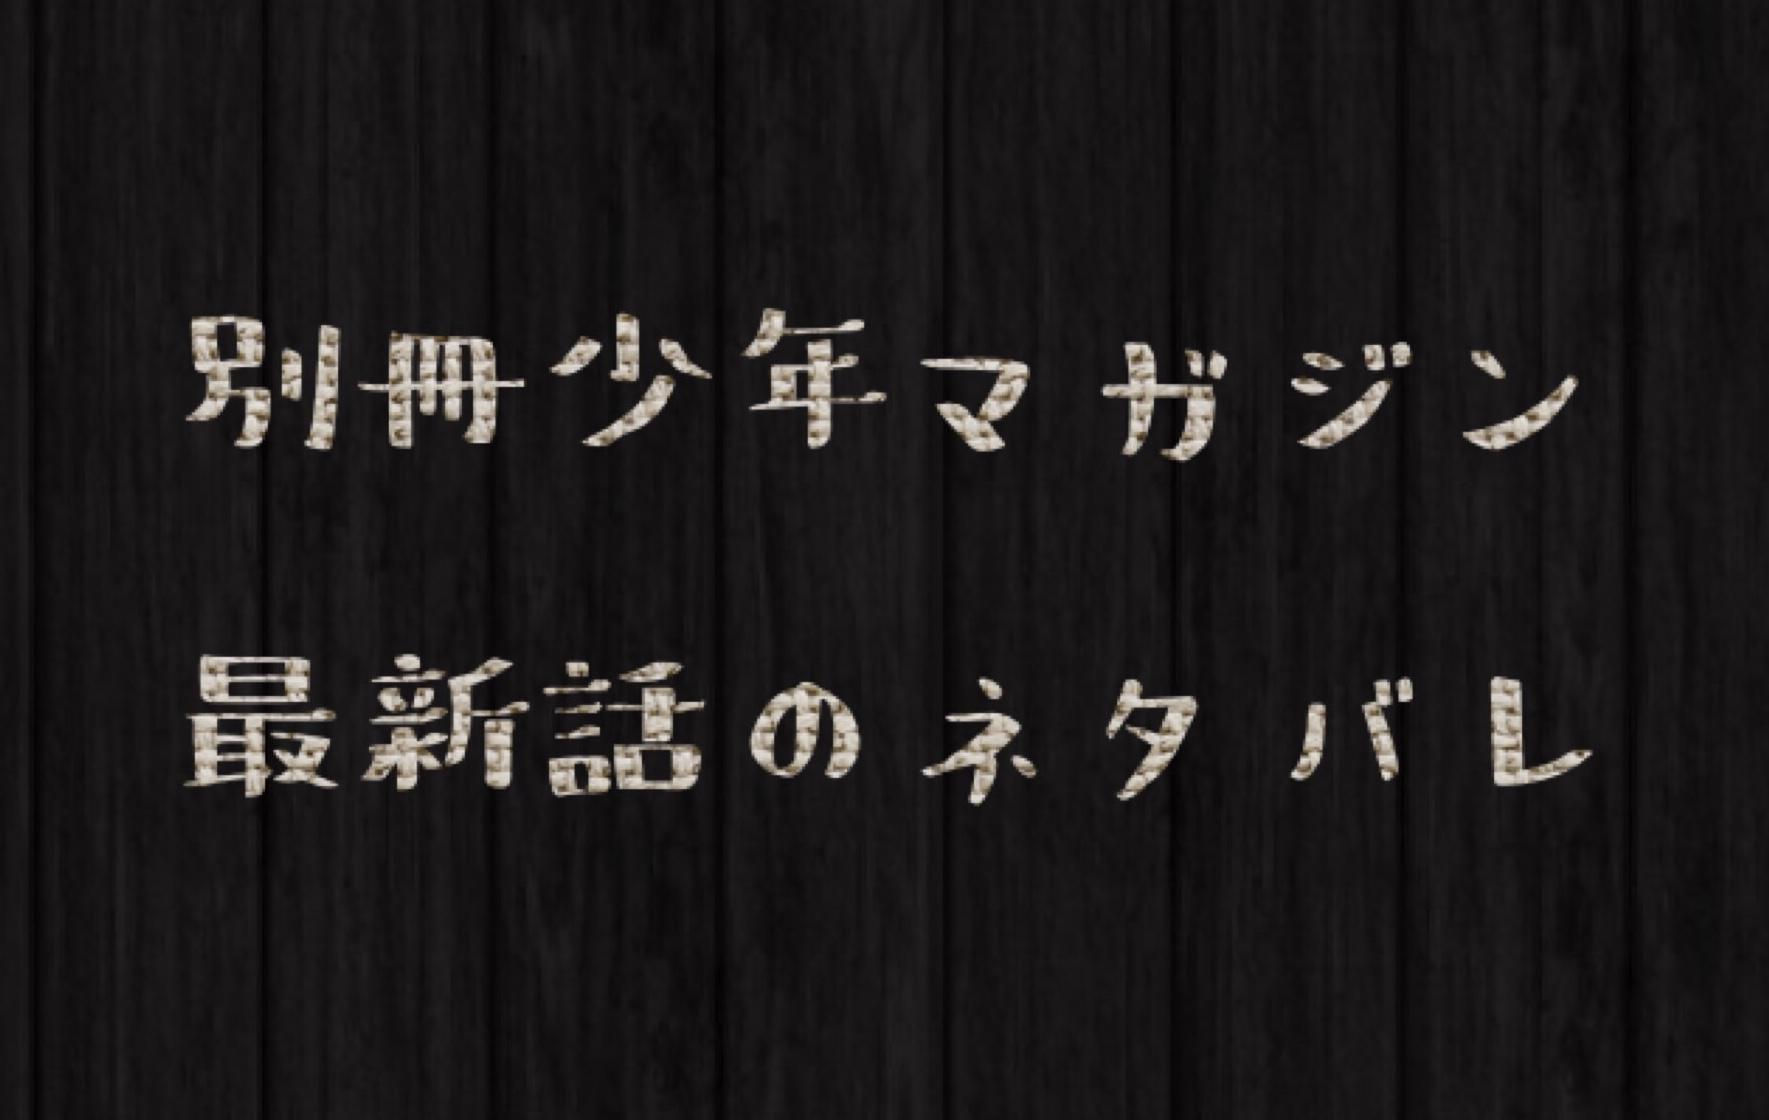 かつて神だった獣たちへ【最新第51話】ネタバレと感想!